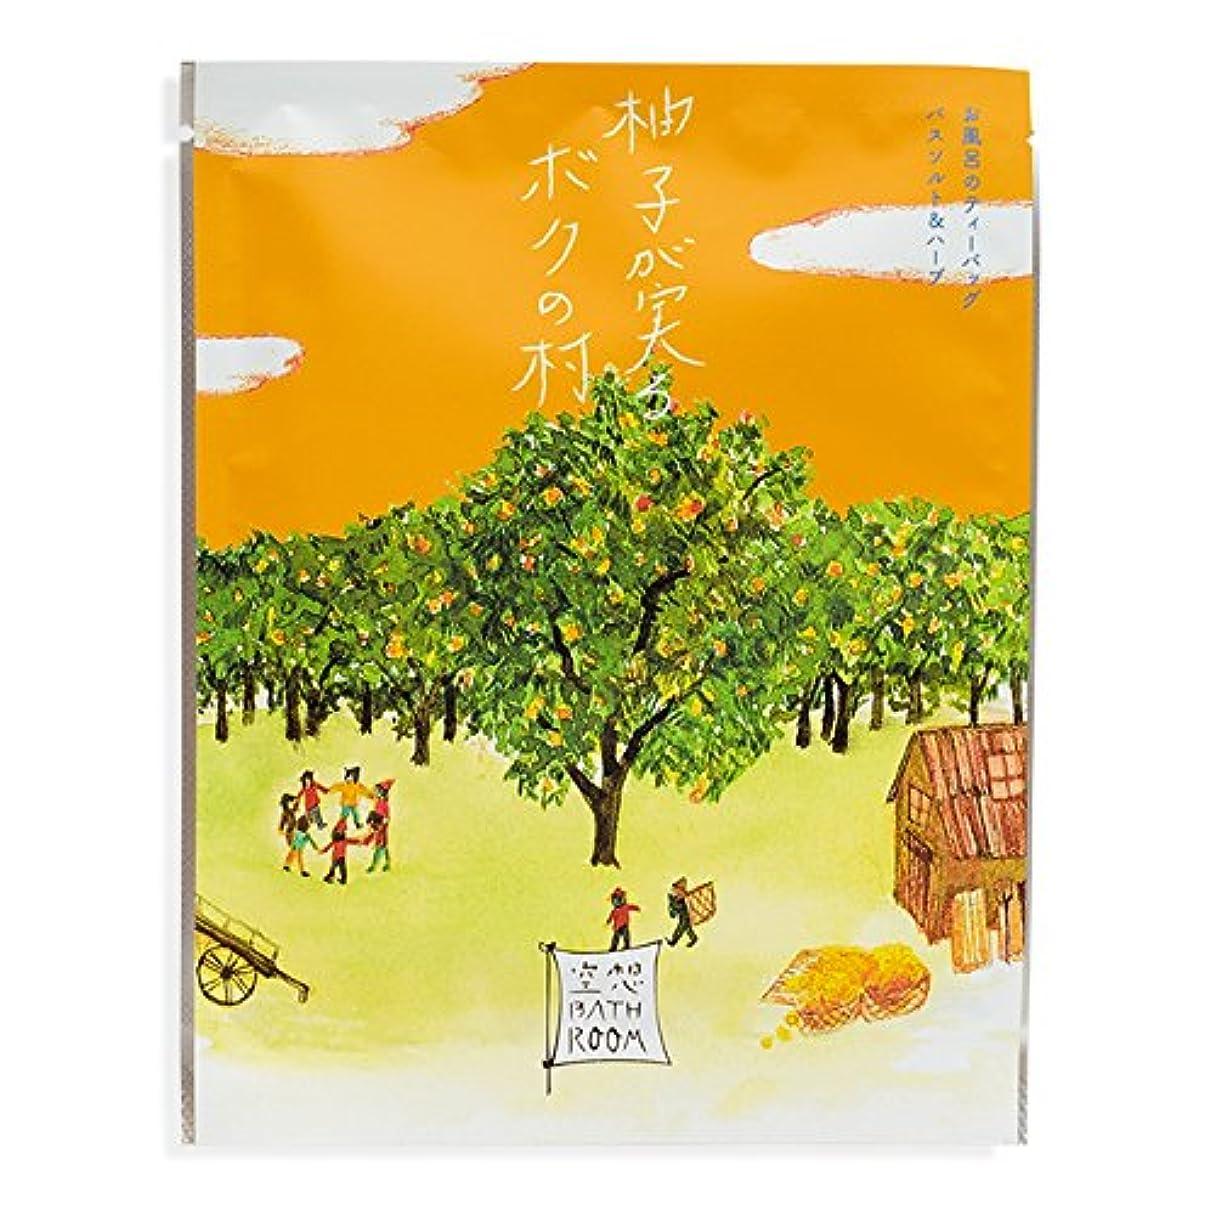 側面余剰植木チャーリー 空想バスルーム 柚子が実るボクの村 30g